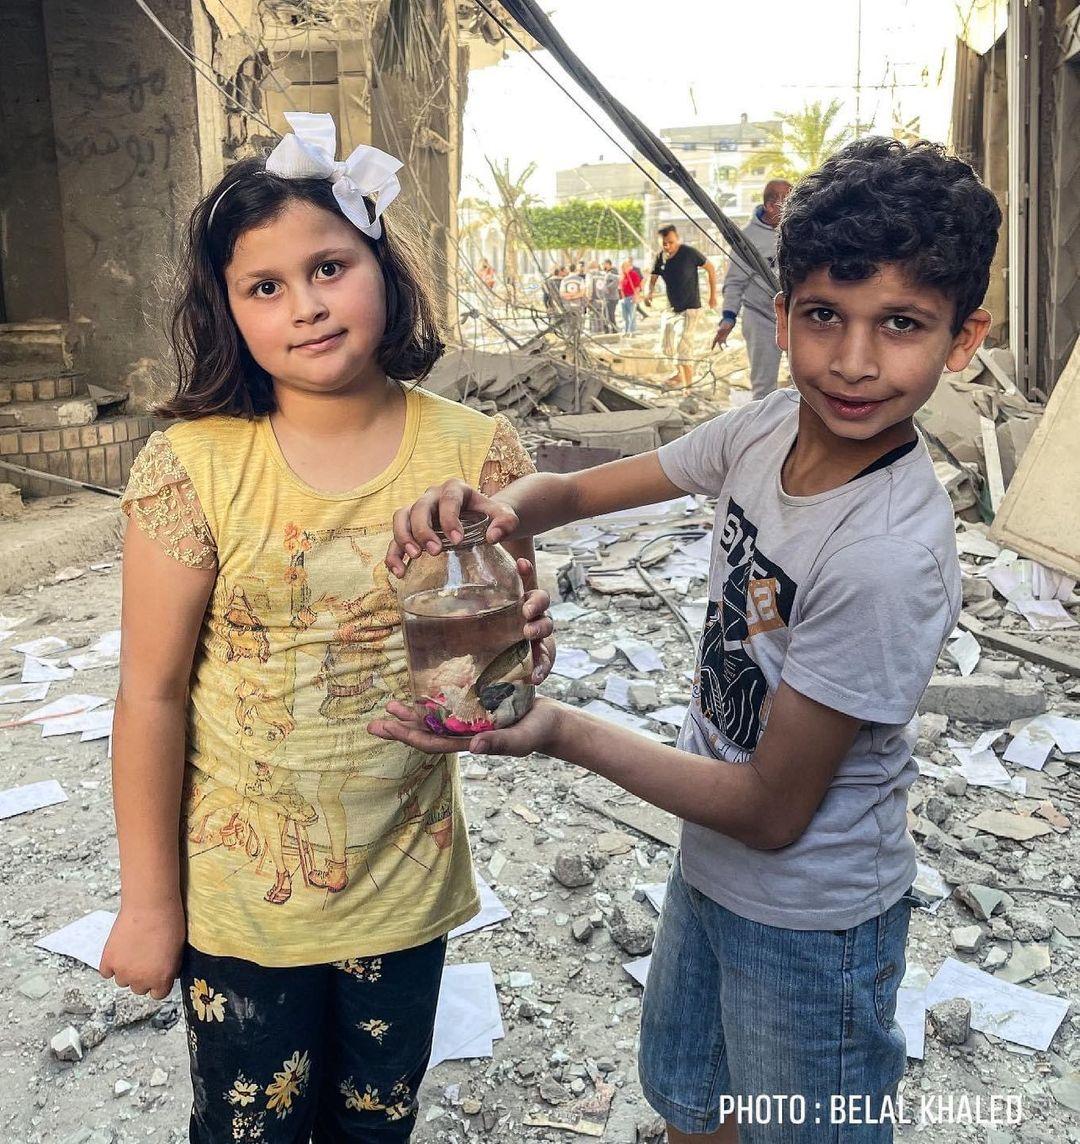 Berhasil Menyelamatkan Ikan Miliknya, Potret Kebahagiaan Kecil Anak Gaza